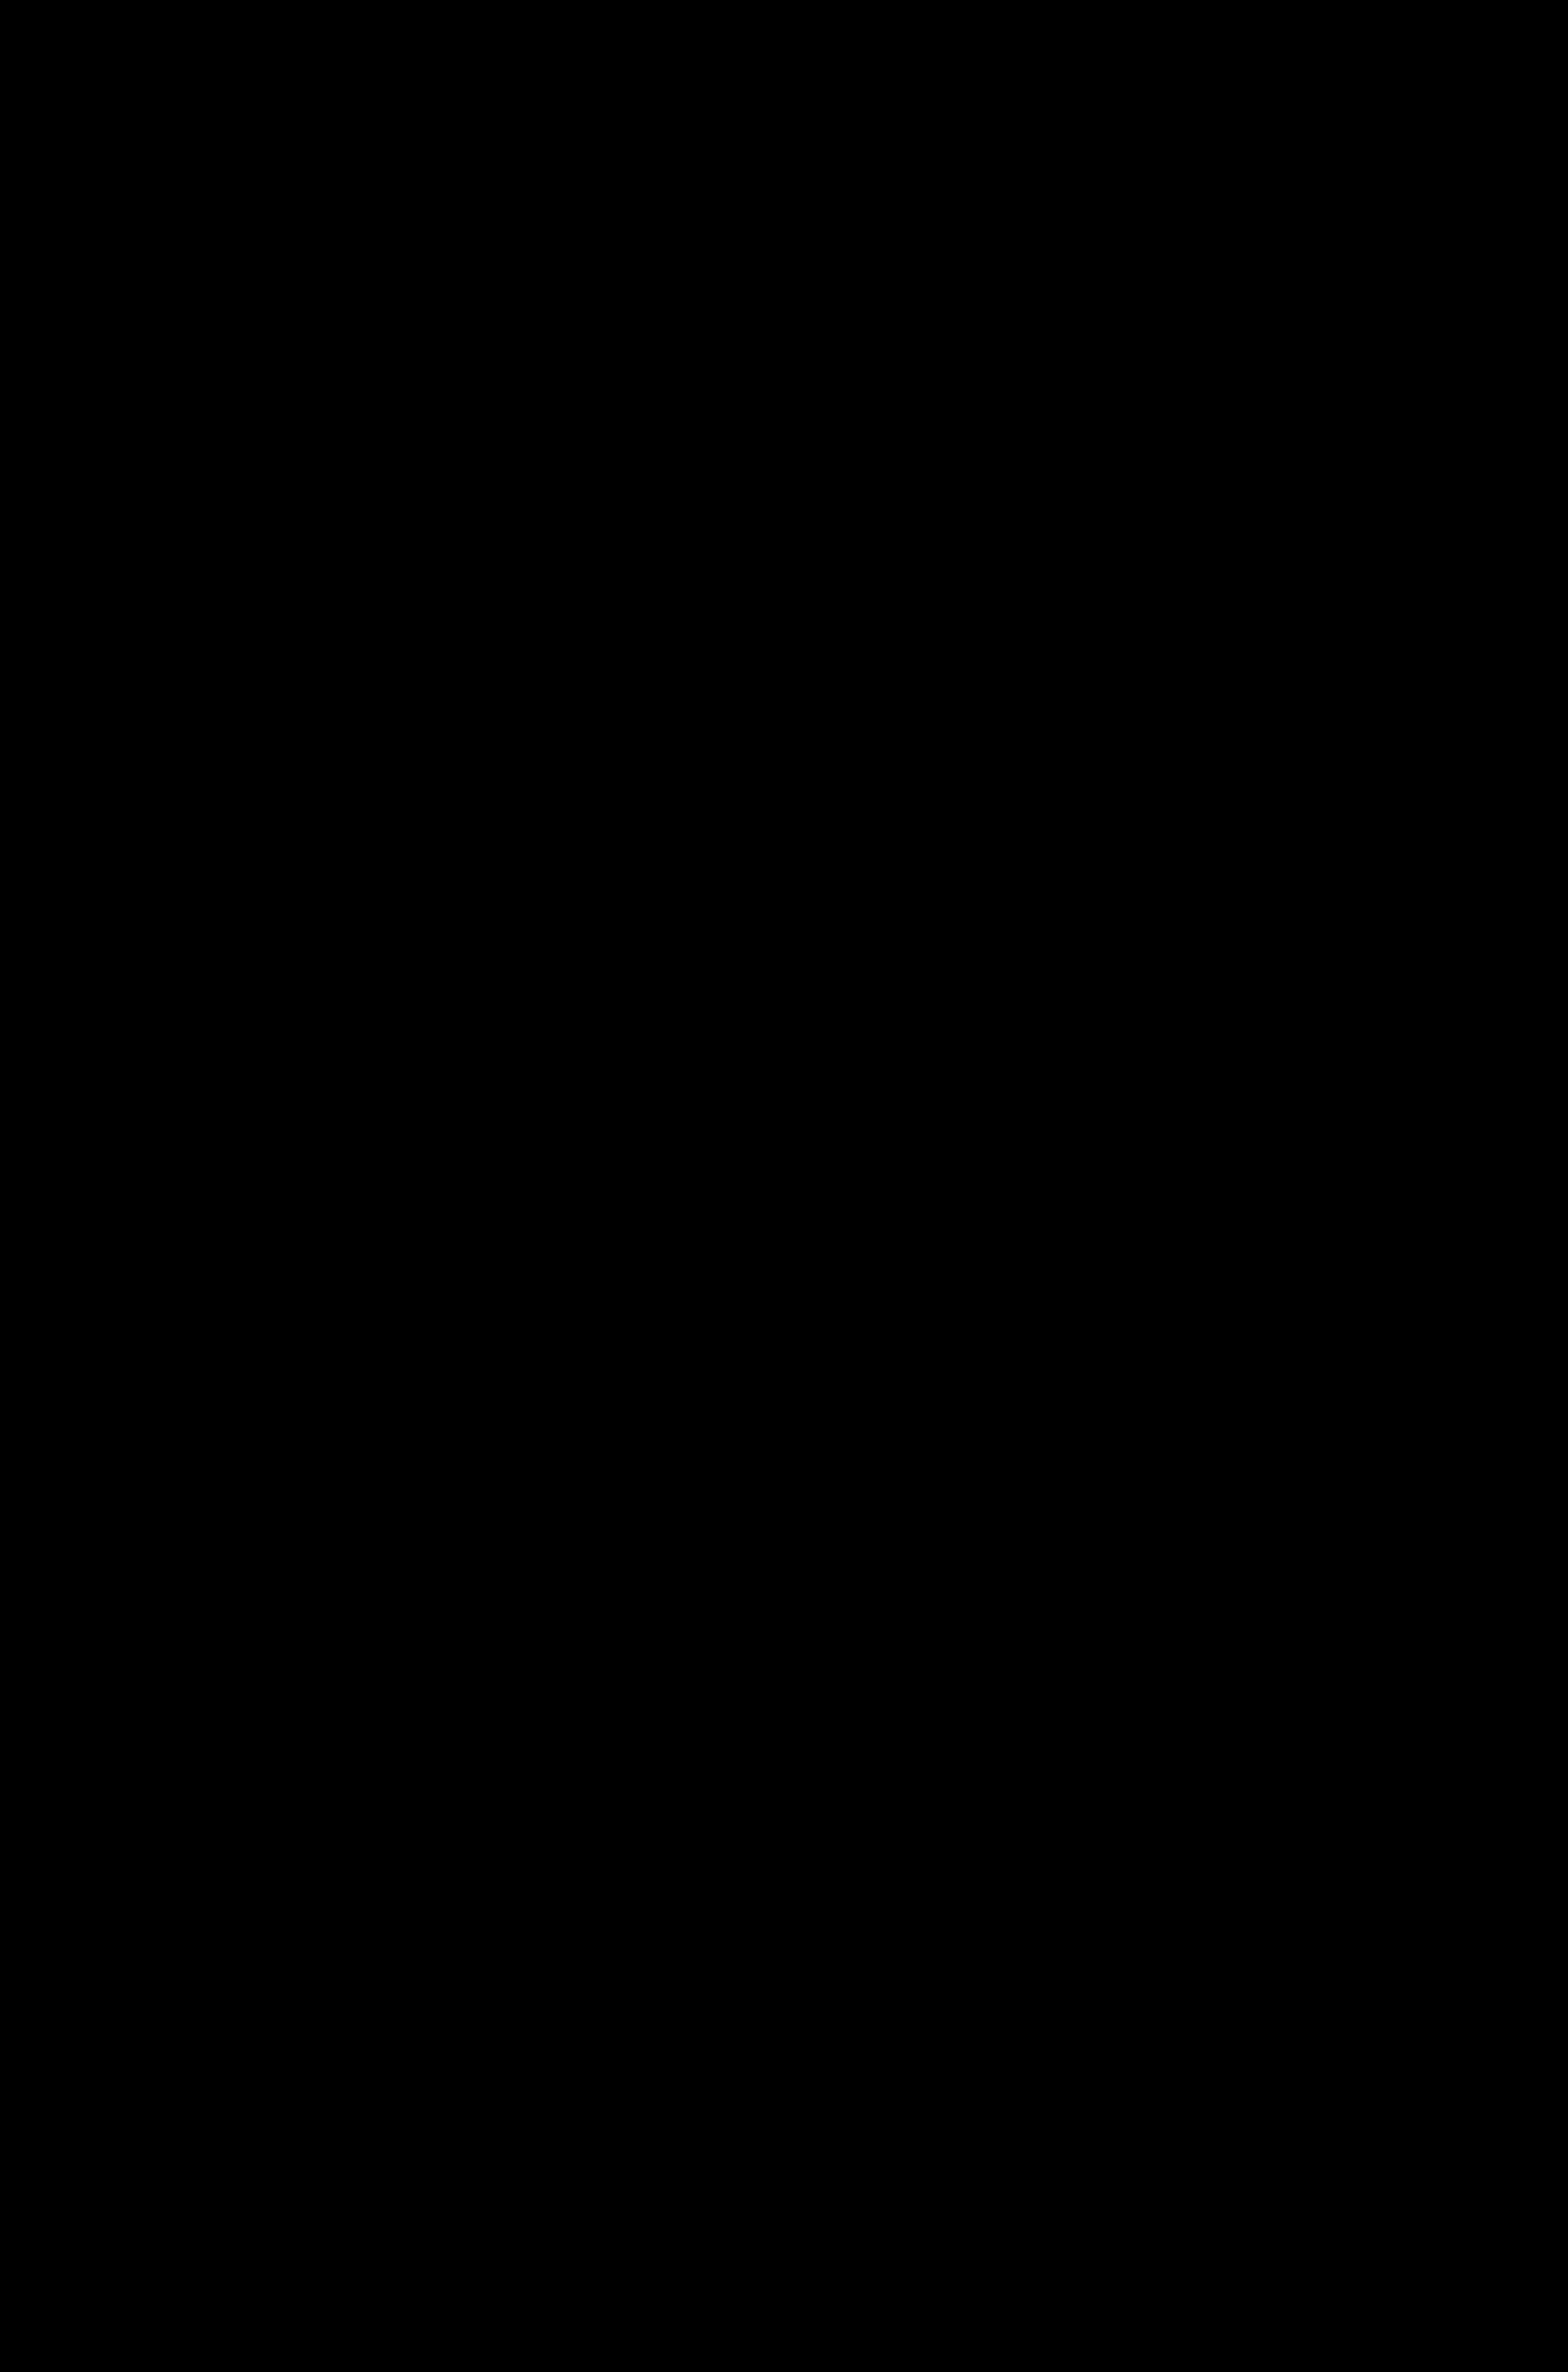 A Ear Vector clipart image.